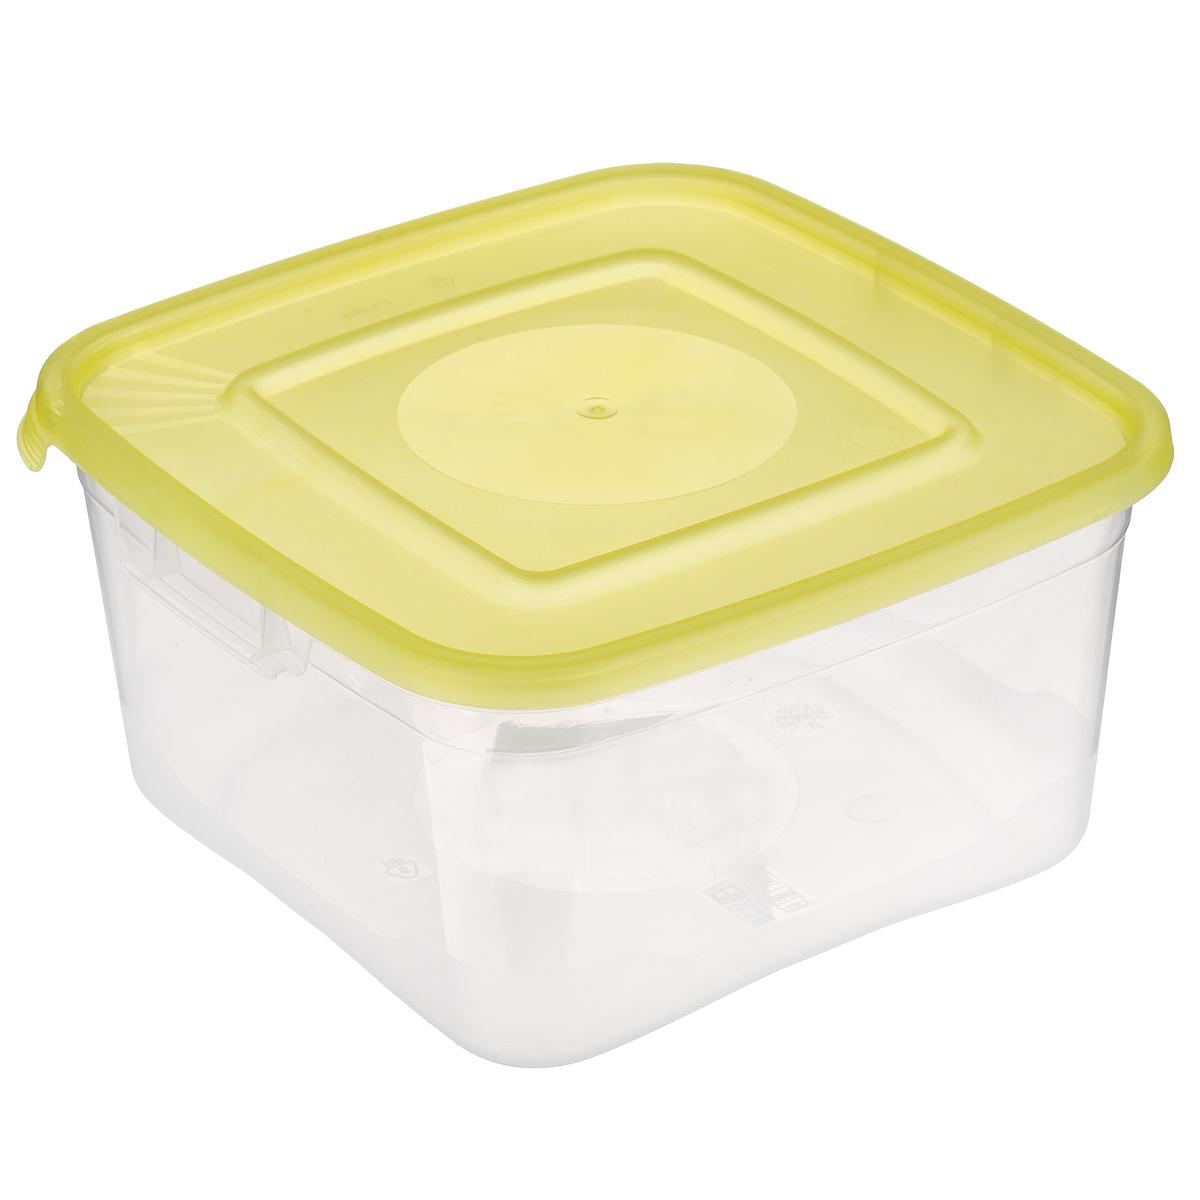 Контейнер Полимербыт Каскад, цвет: прозрачный, желтый, 1 лС670 желтыйКонтейнер Полимербыт Каскад квадратной формы, изготовленный из прочного пластика, предназначен специально для хранения пищевых продуктов. Крышка легко открывается и плотно закрывается. Контейнер устойчив к воздействию масел и жиров, легко моется. Прозрачные стенки позволяют видеть содержимое. Контейнер имеет возможность хранения продуктов глубокой заморозки, обладает высокой прочностью. Можно мыть в посудомоечной машине. Подходит для использования в микроволновых печах.